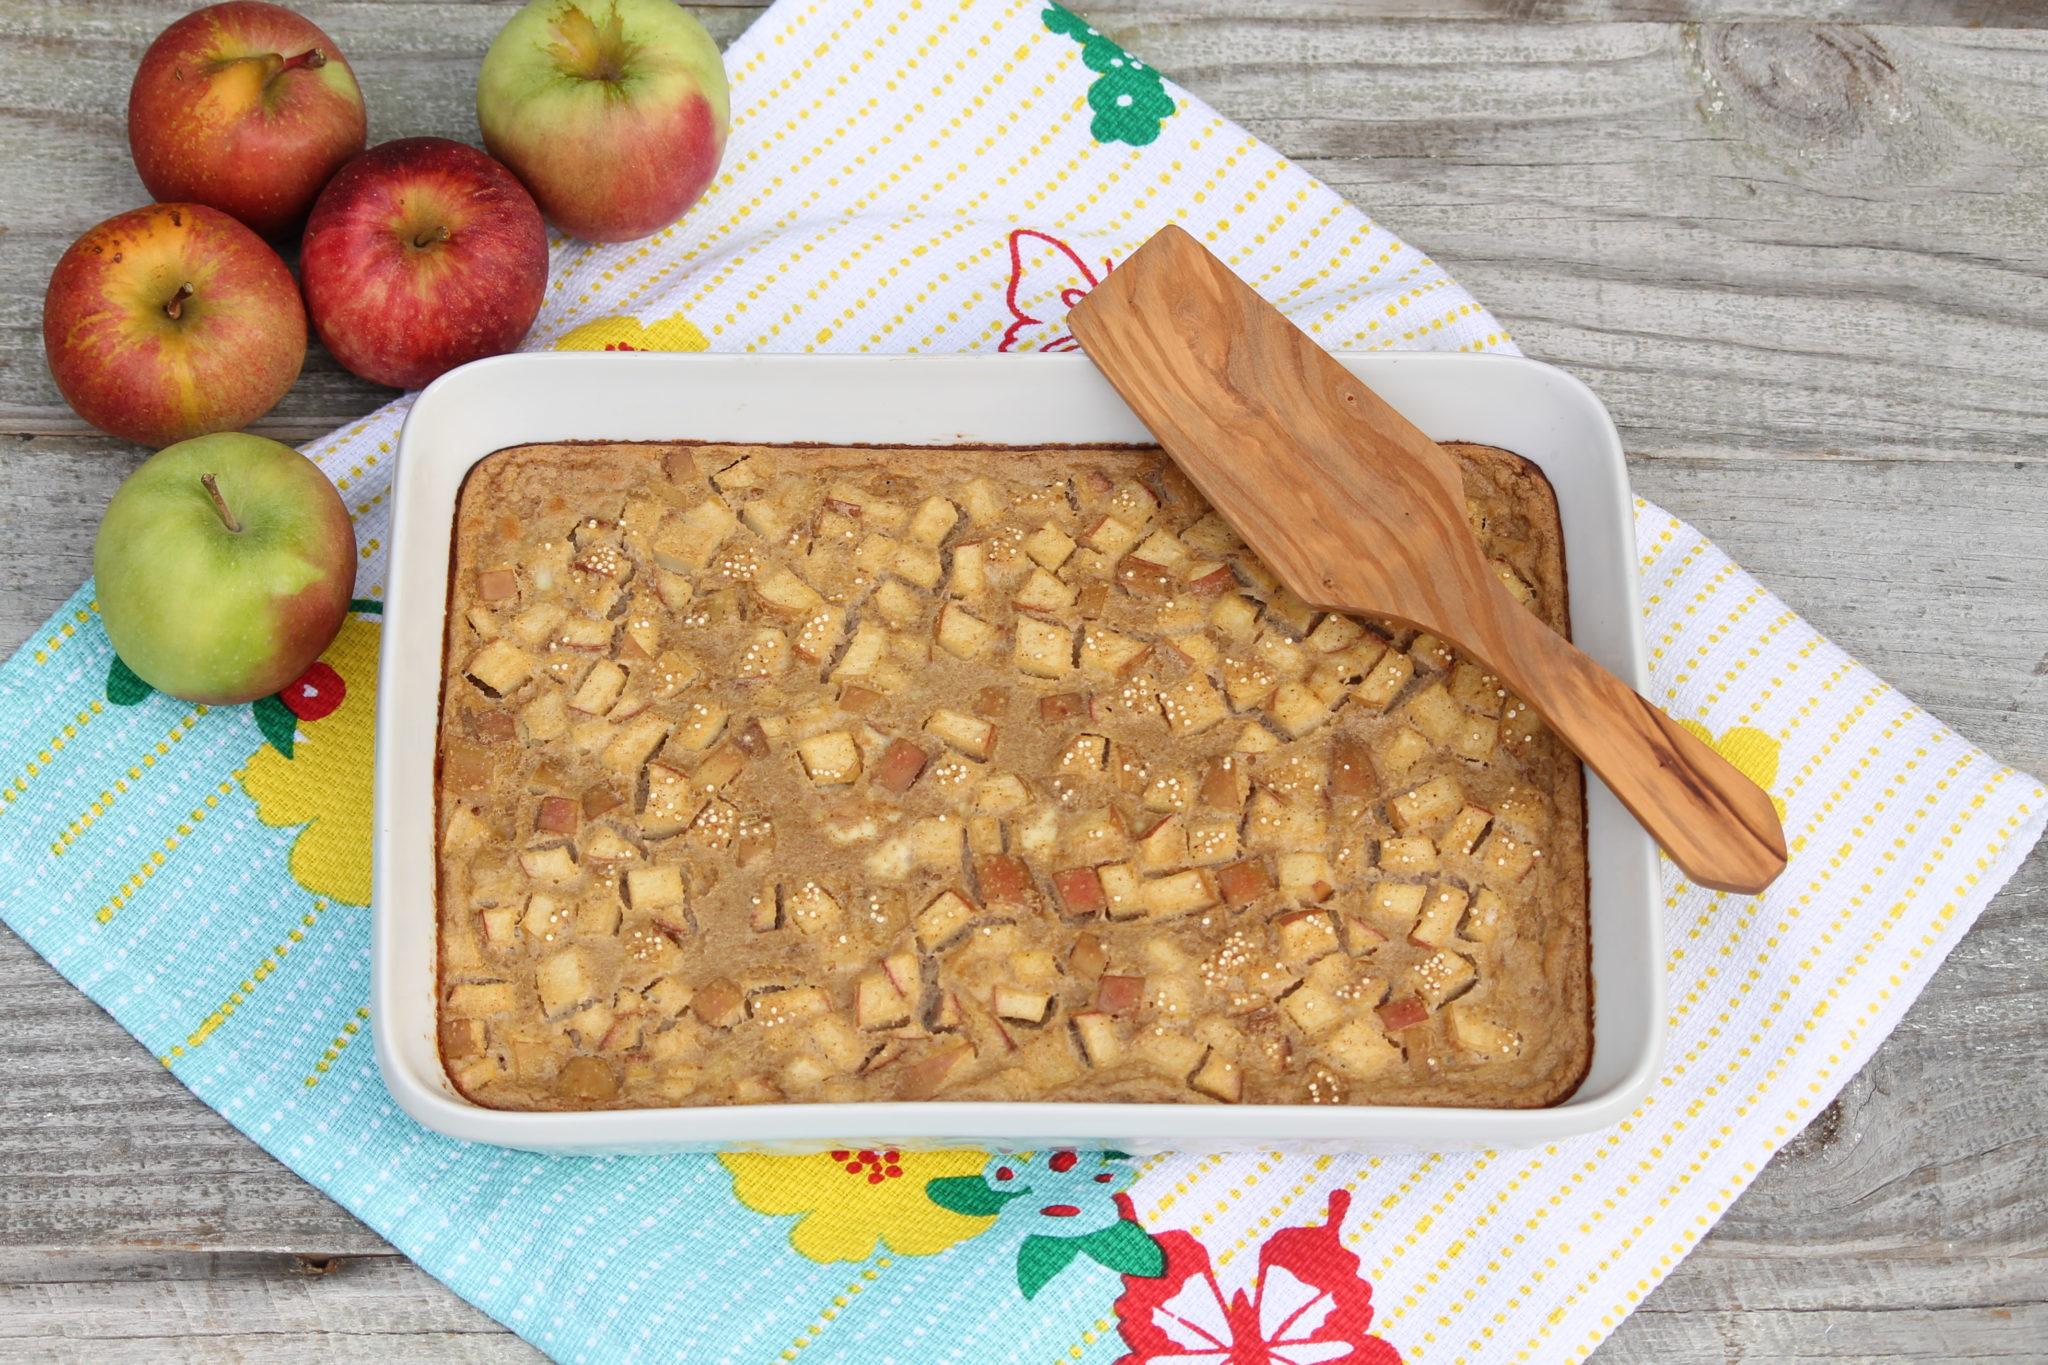 Apple Almond Baked Quinoa